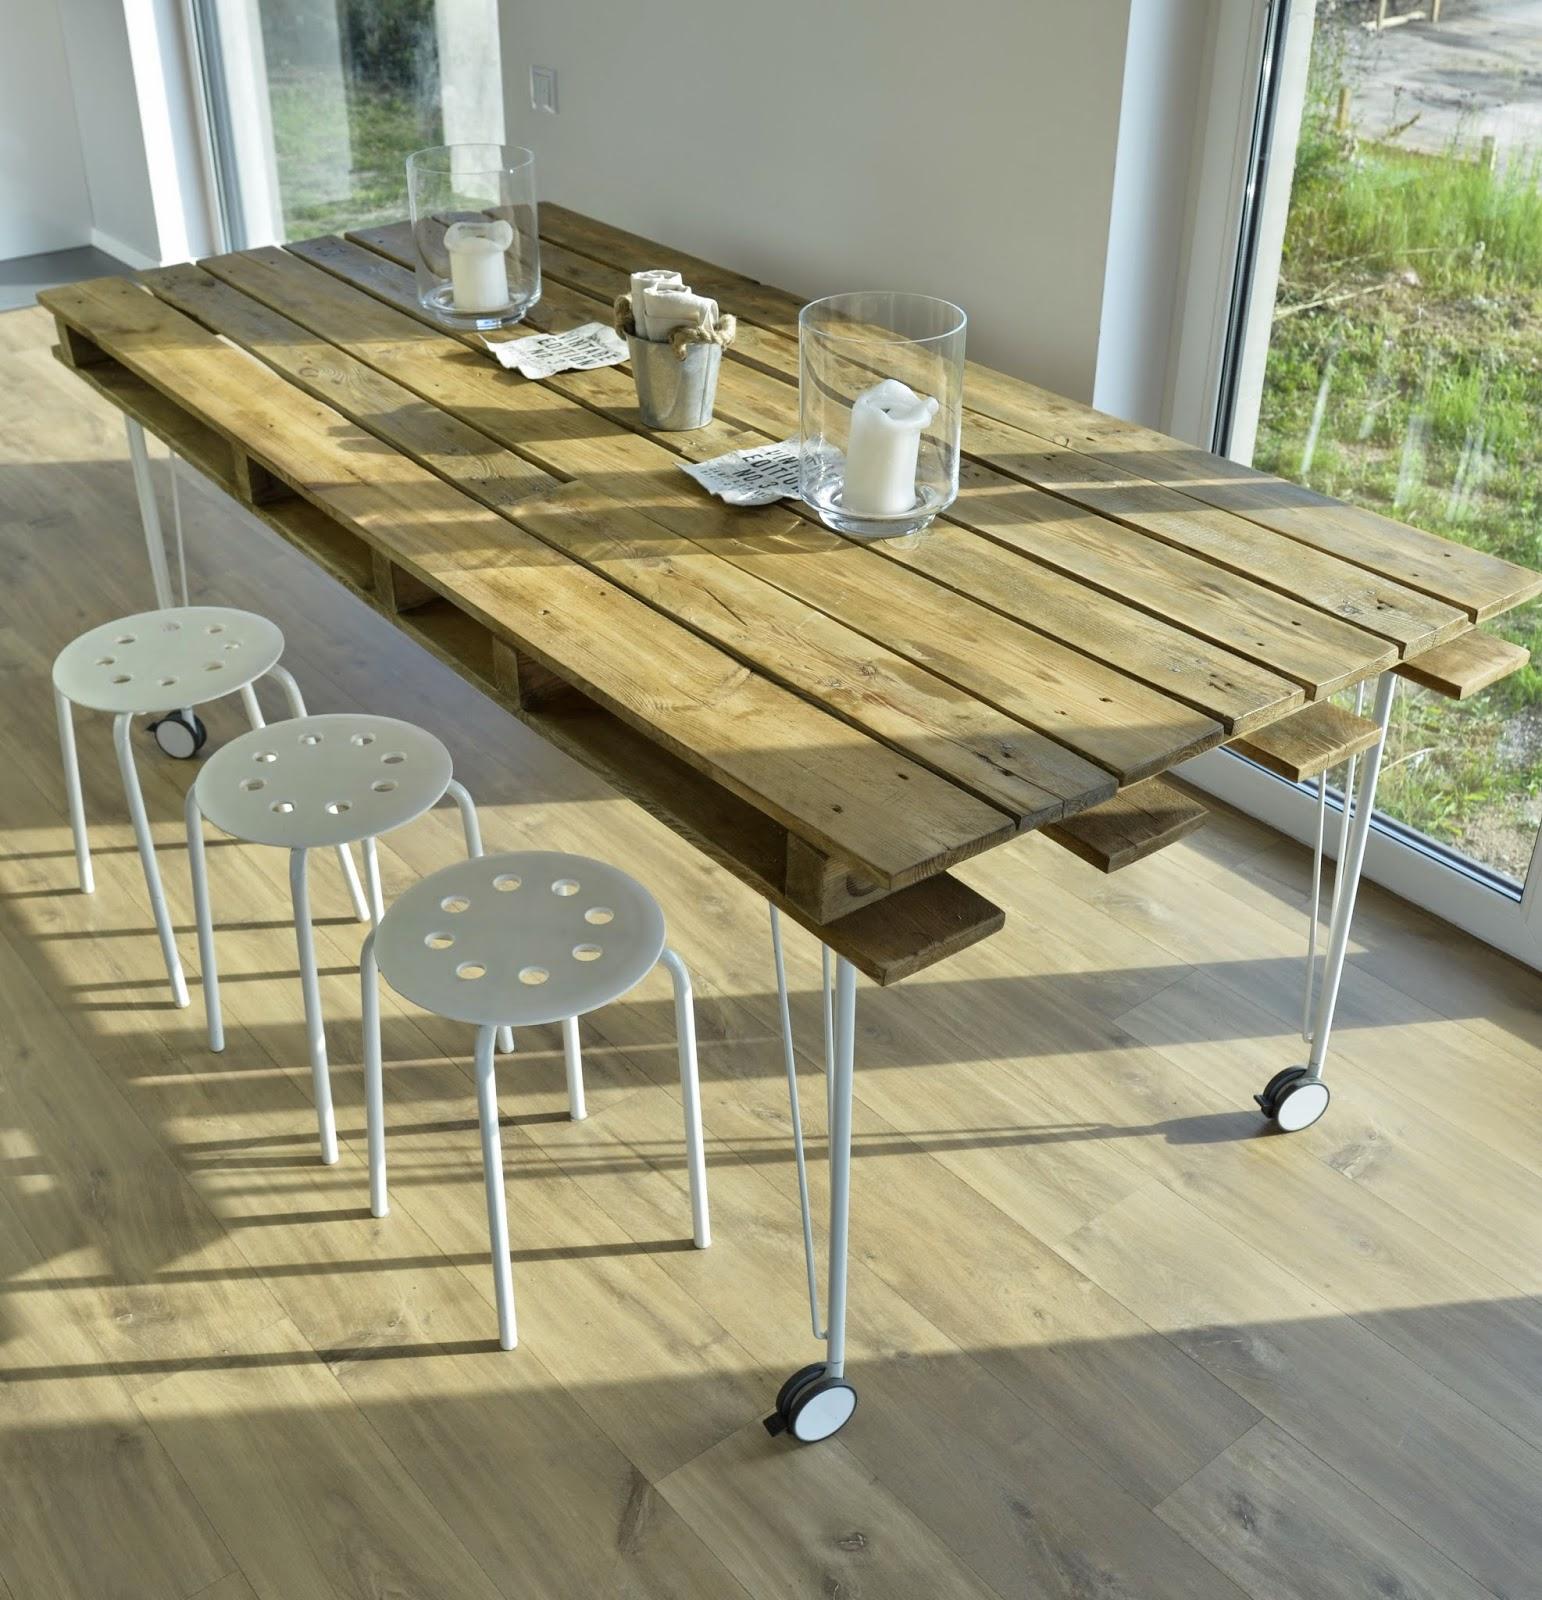 Pallet dining table - Photo By Michal Krzyzanski